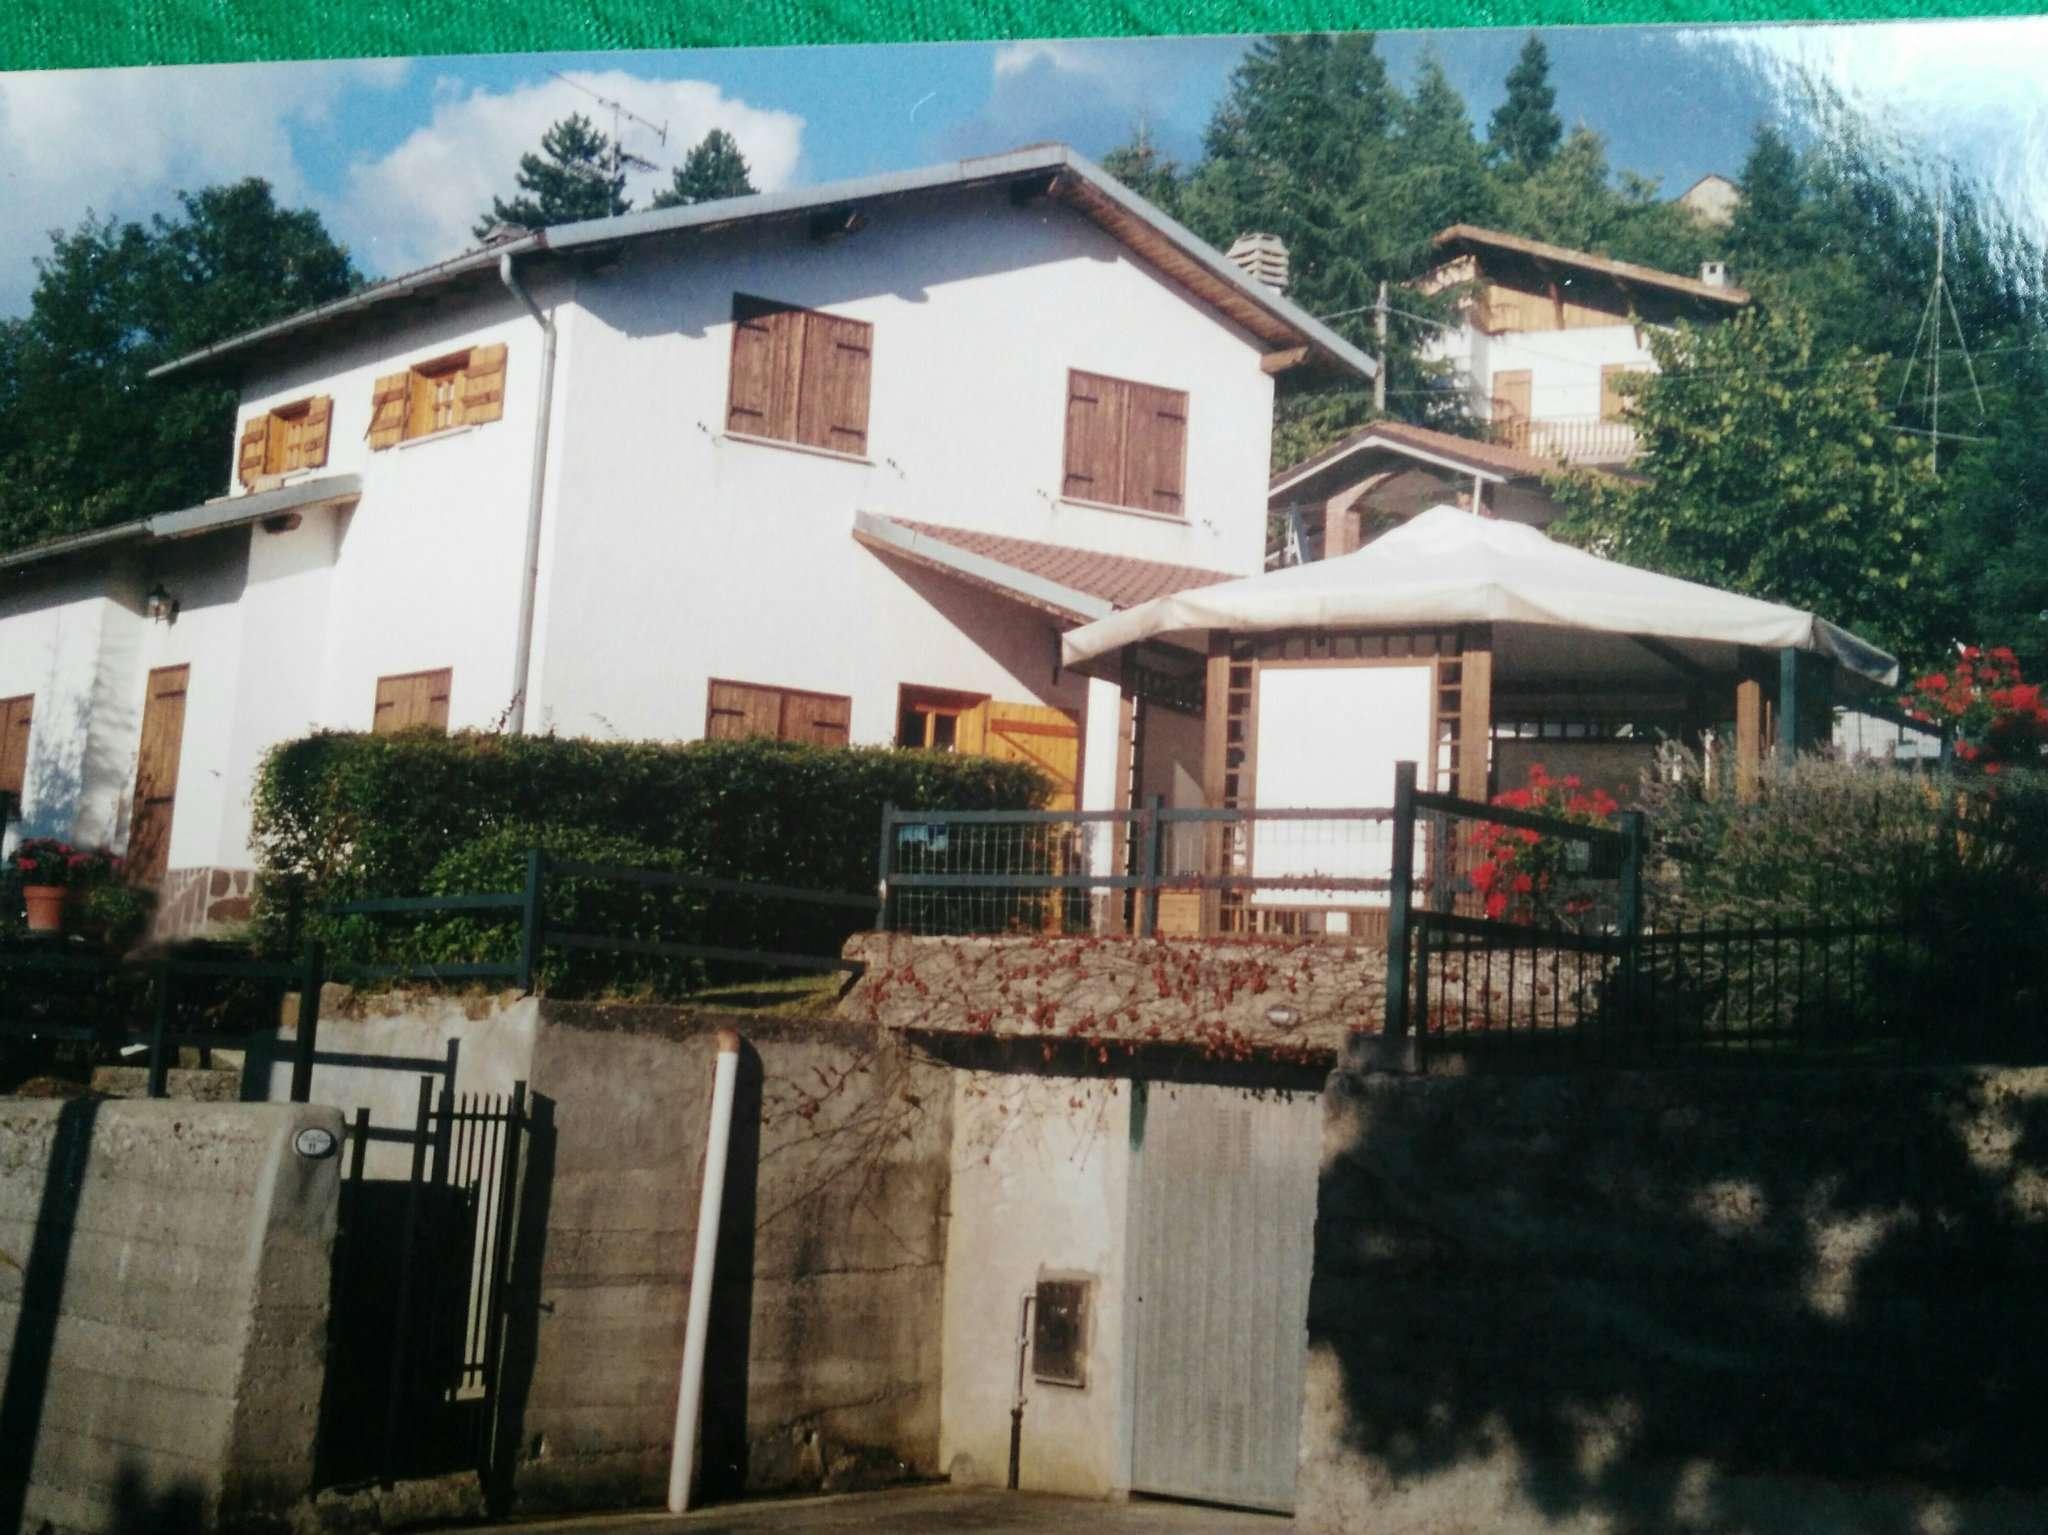 Soluzione Indipendente in vendita a Cantalupo Ligure, 7 locali, prezzo € 160.000 | CambioCasa.it